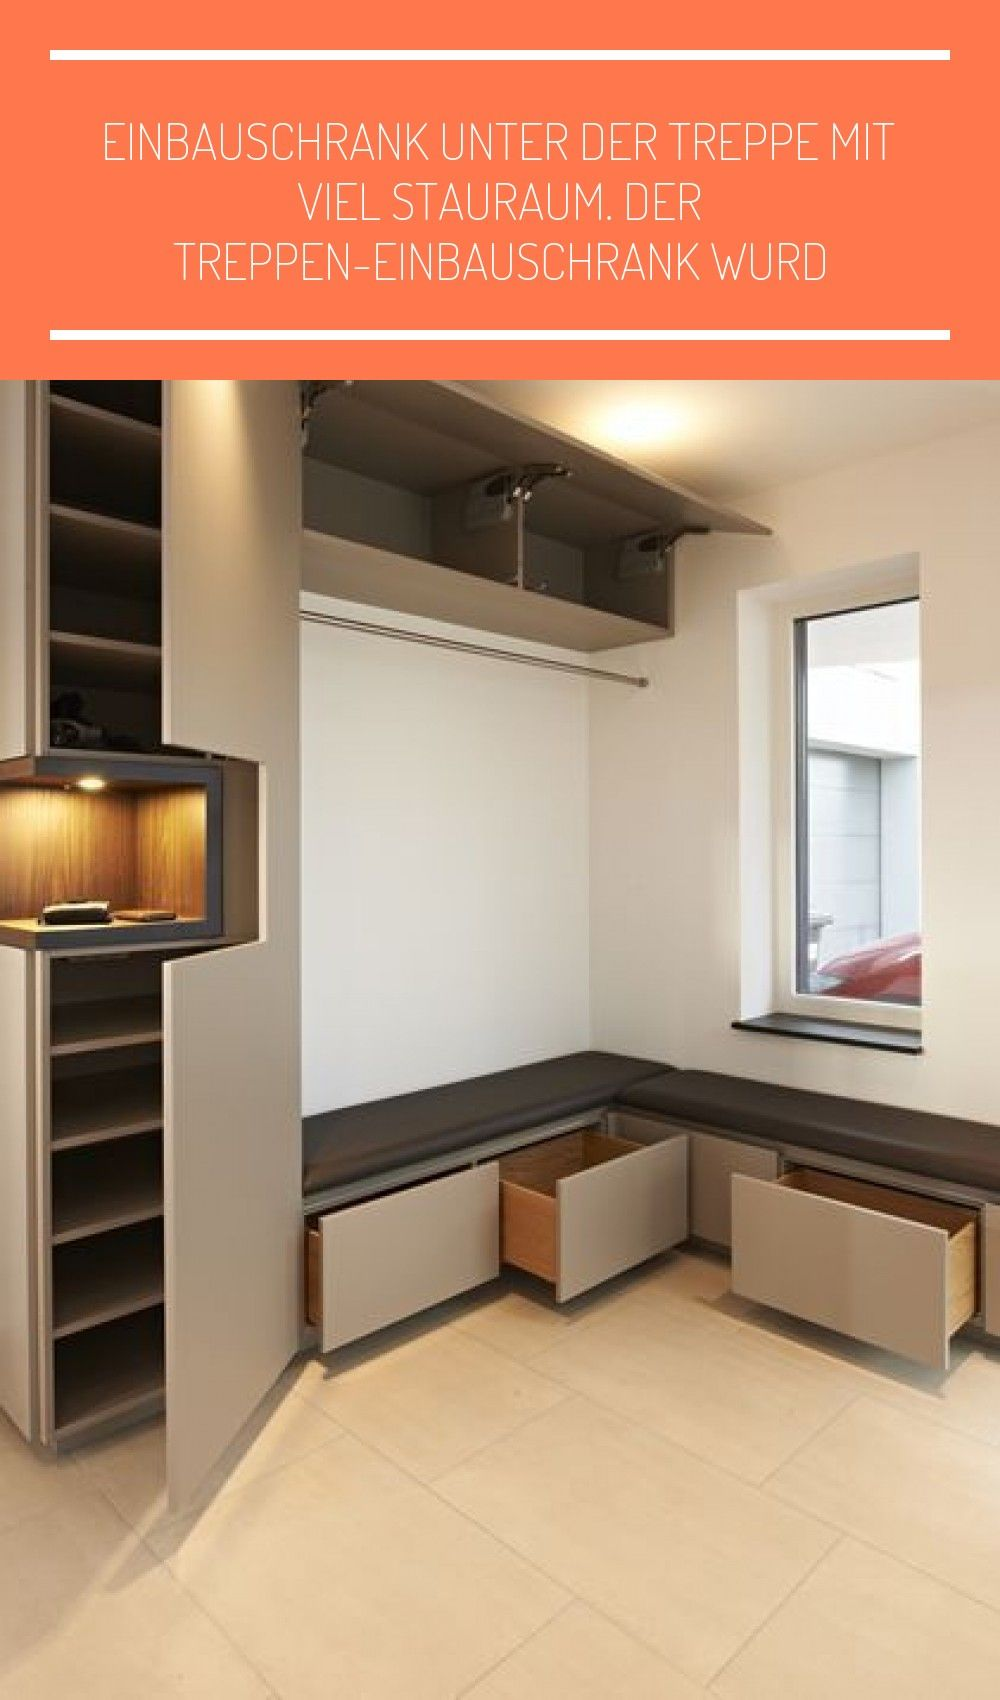 Einbauschrank Unter Der Treppe In 2020 Flur Mobel Ankleidezimmer Selber Bauen Einbauschrank